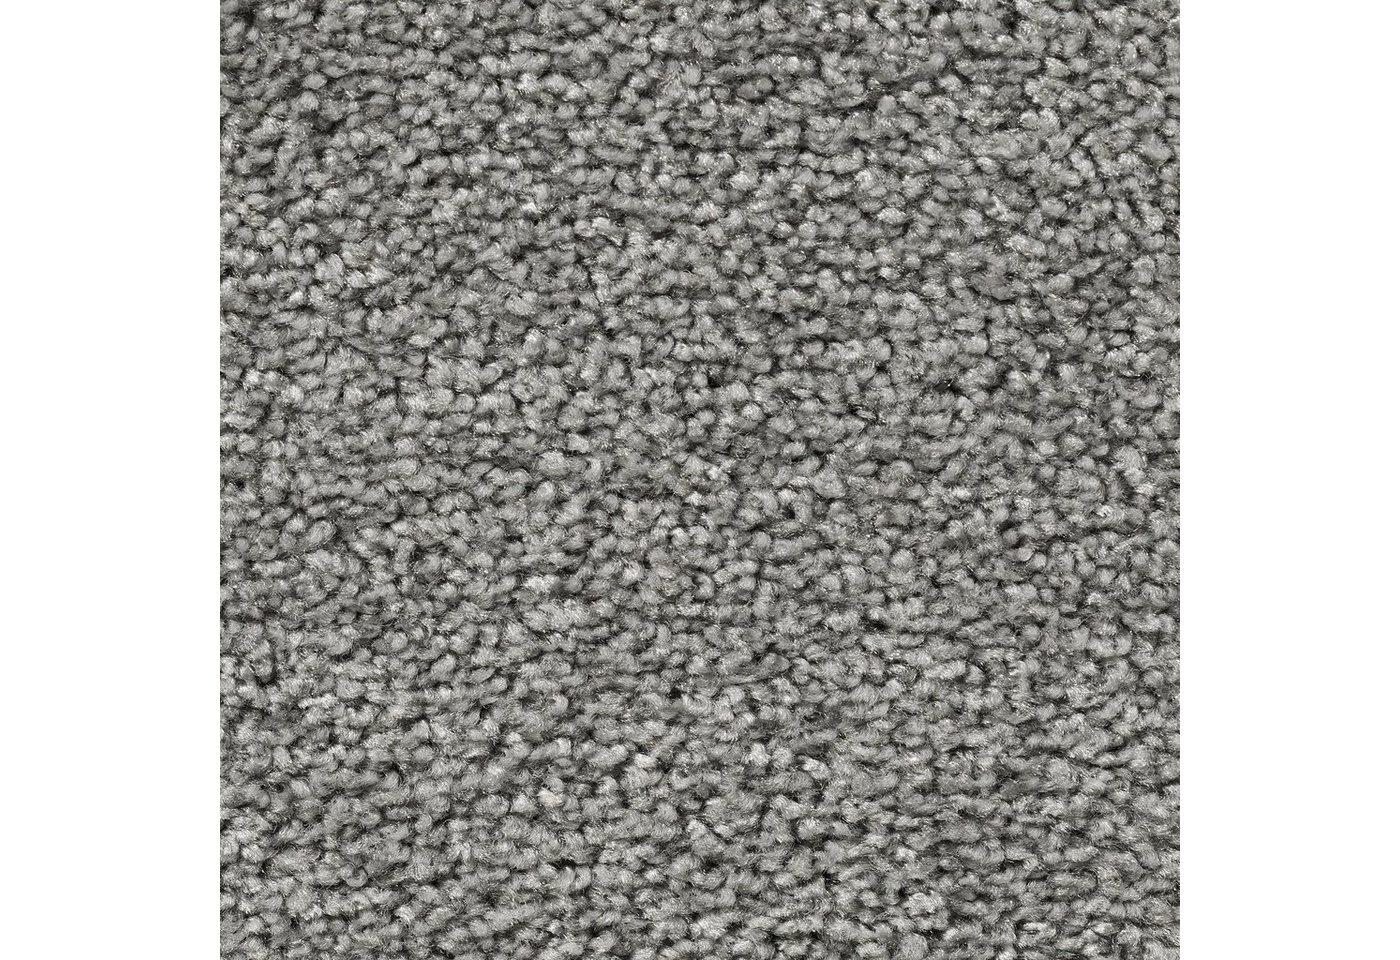 VORWERK Teppichboden »Passion 1004«, Meterware, Velours, Breite 400/500 cm | Baumarkt > Bodenbeläge > Teppichboden | Grau | Textil | Vorwerk